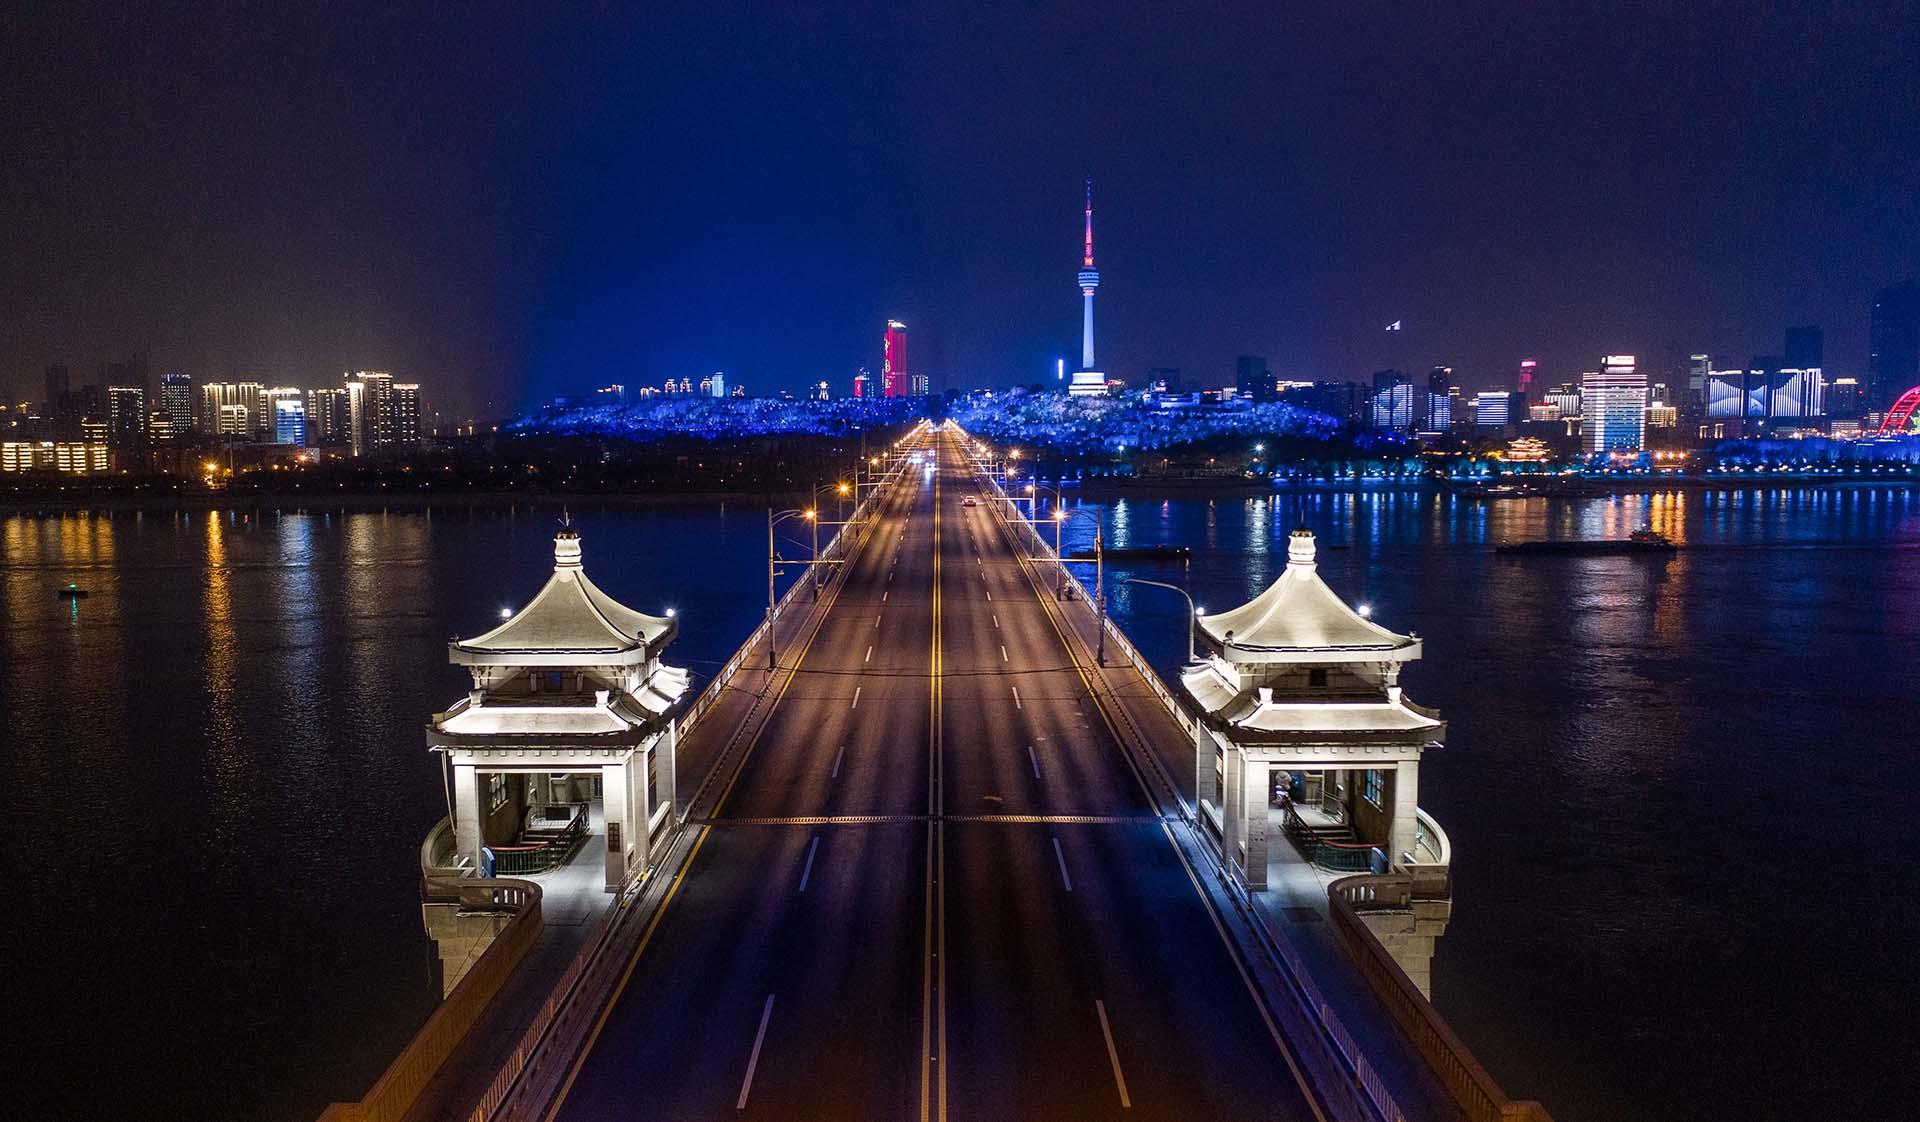 Un puente sobre el Yangtze en Wuhan, China, dodne comenzó la pandemia.